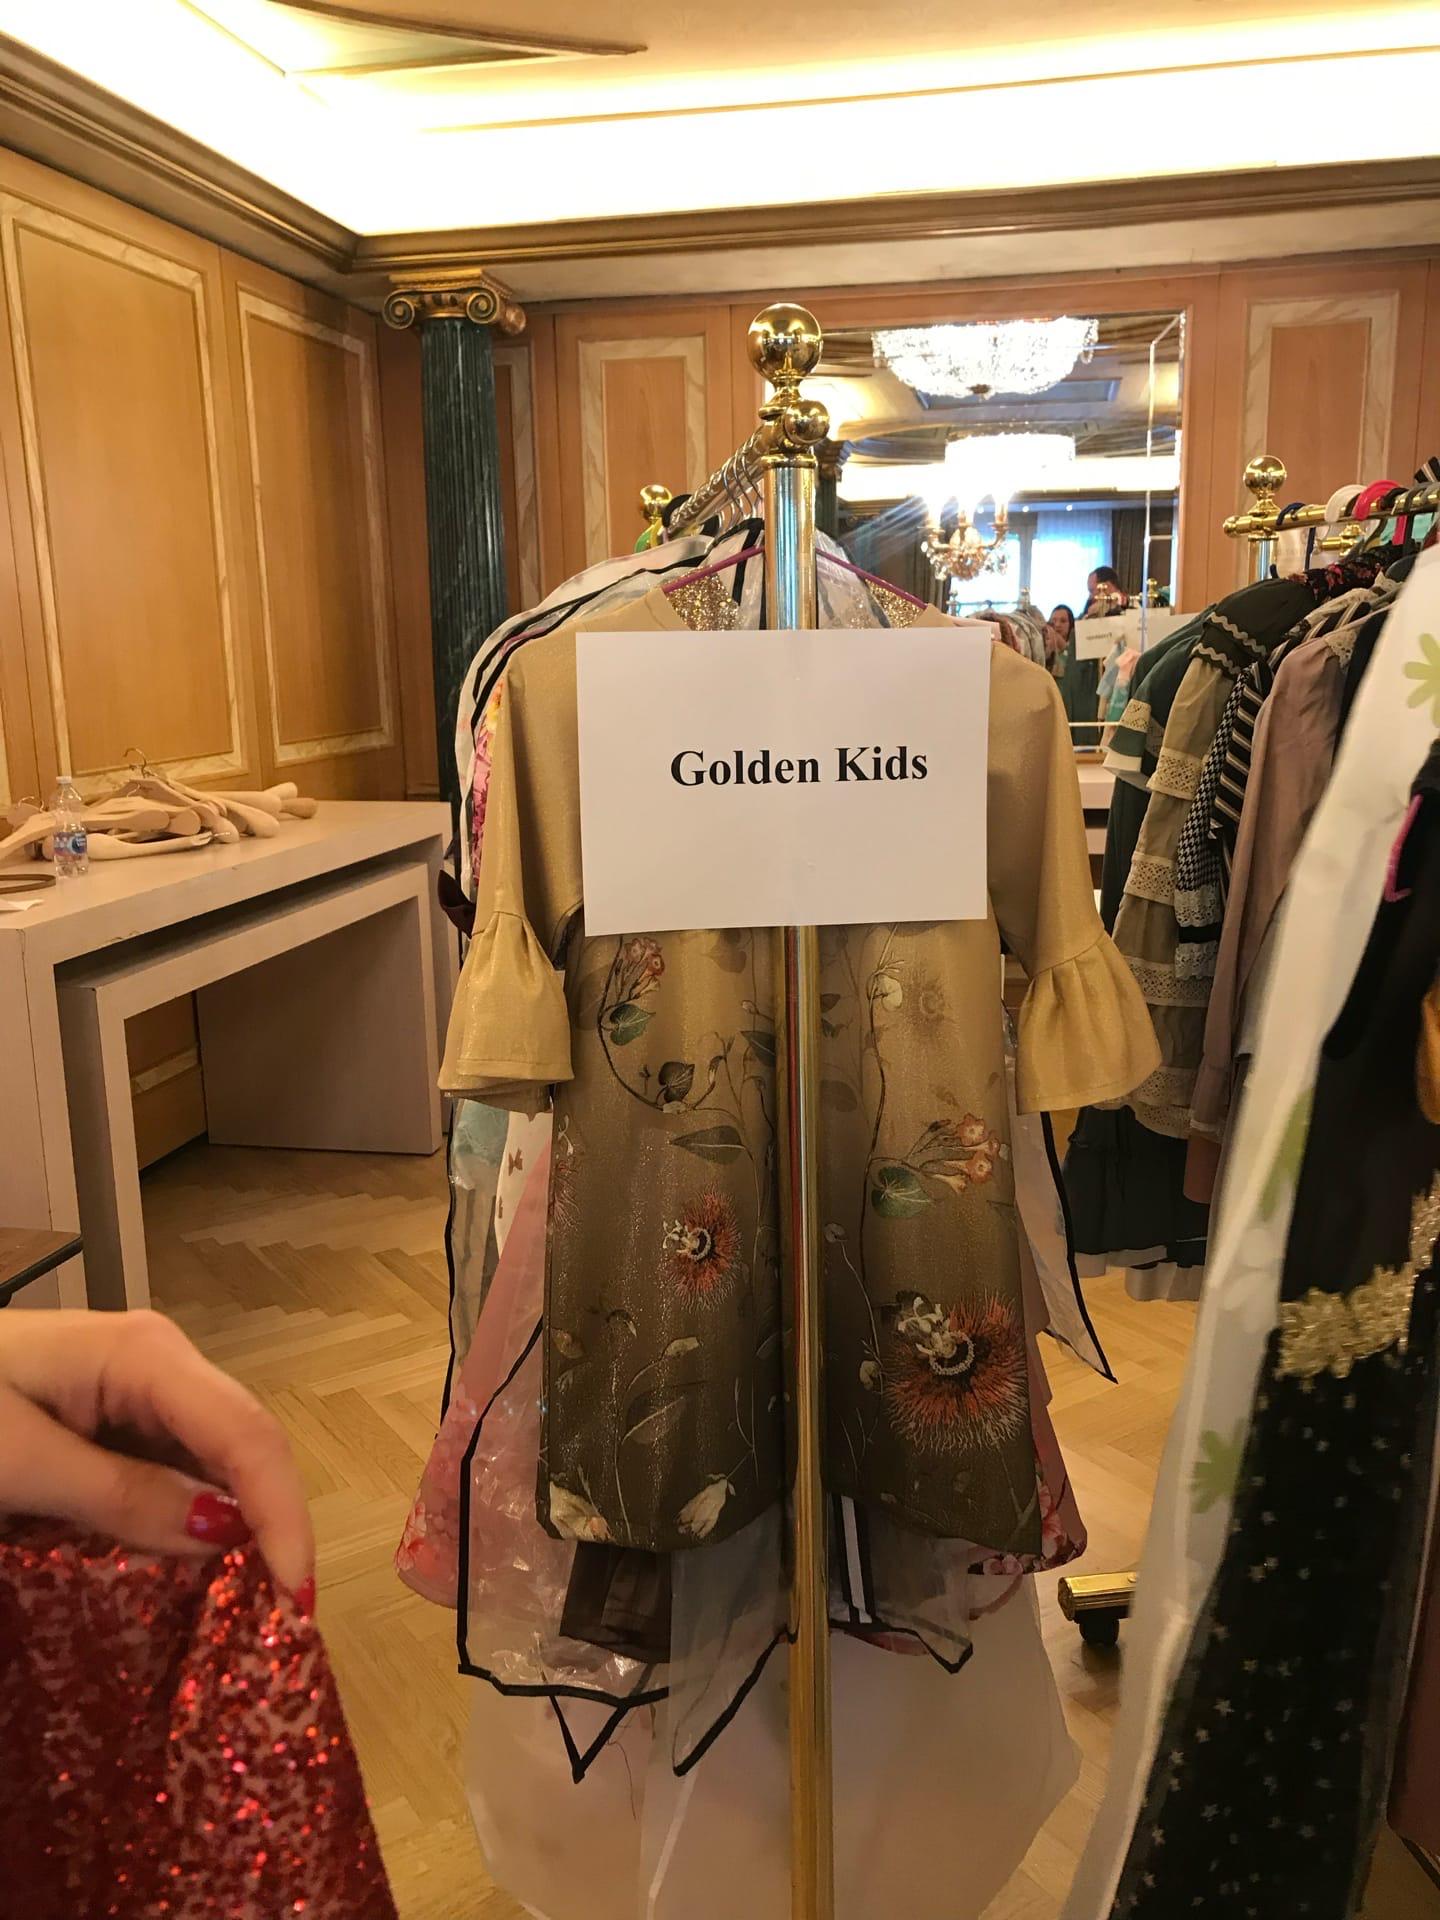 У Леры показ прошёл под брендом «Золотые дети», теперь родители пытаются его зарегистрировать в Роспатенте